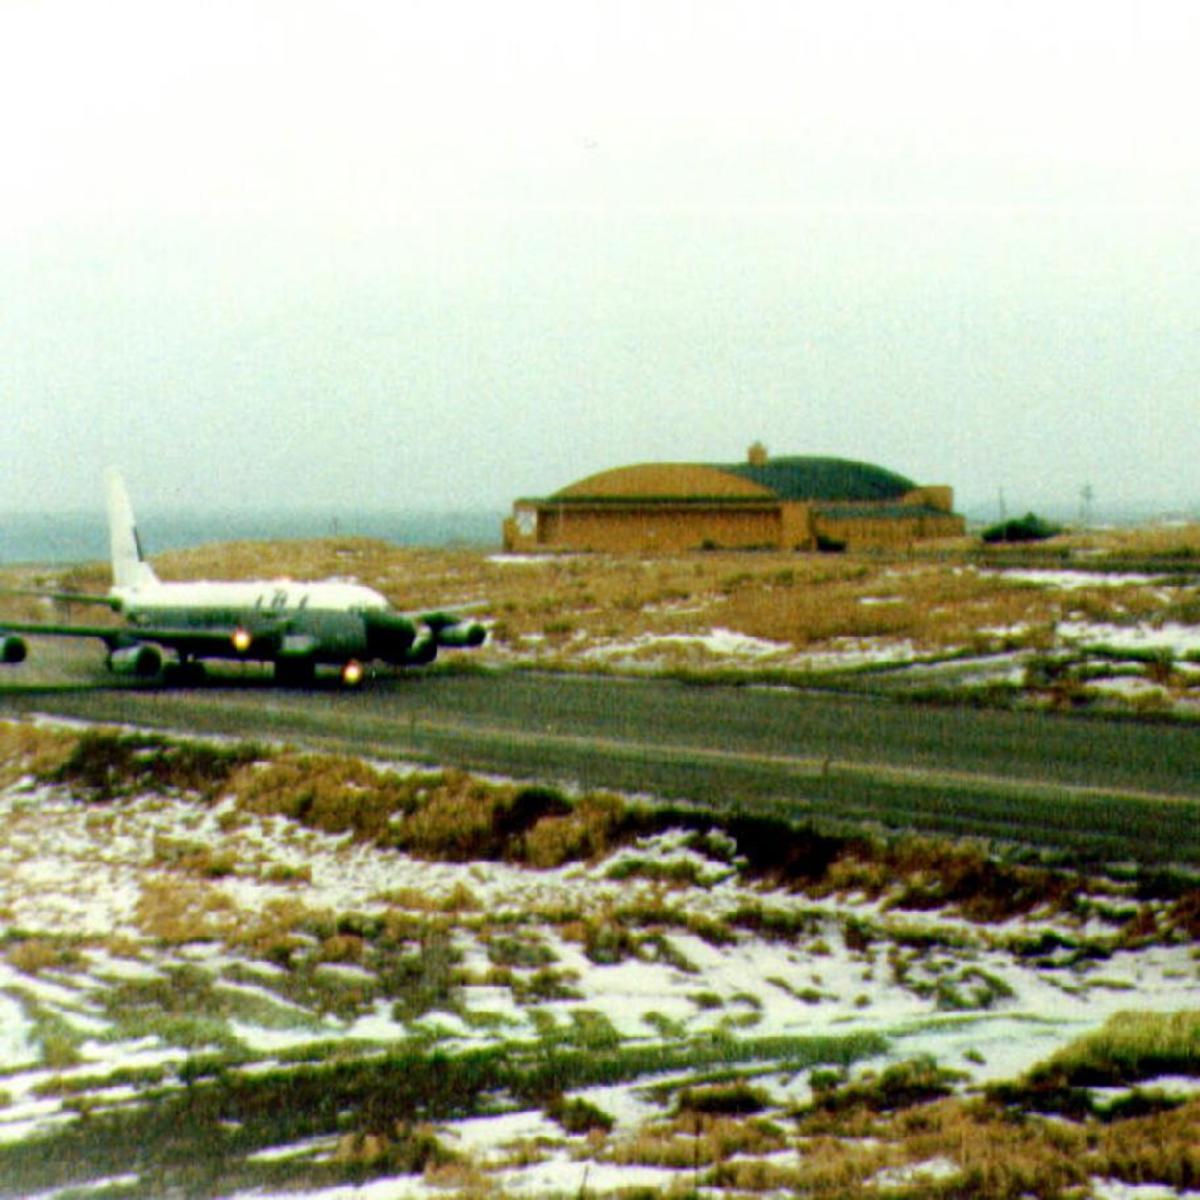 RC-135S COBRA BALL on the ramp at Shemya AFB, Alaska